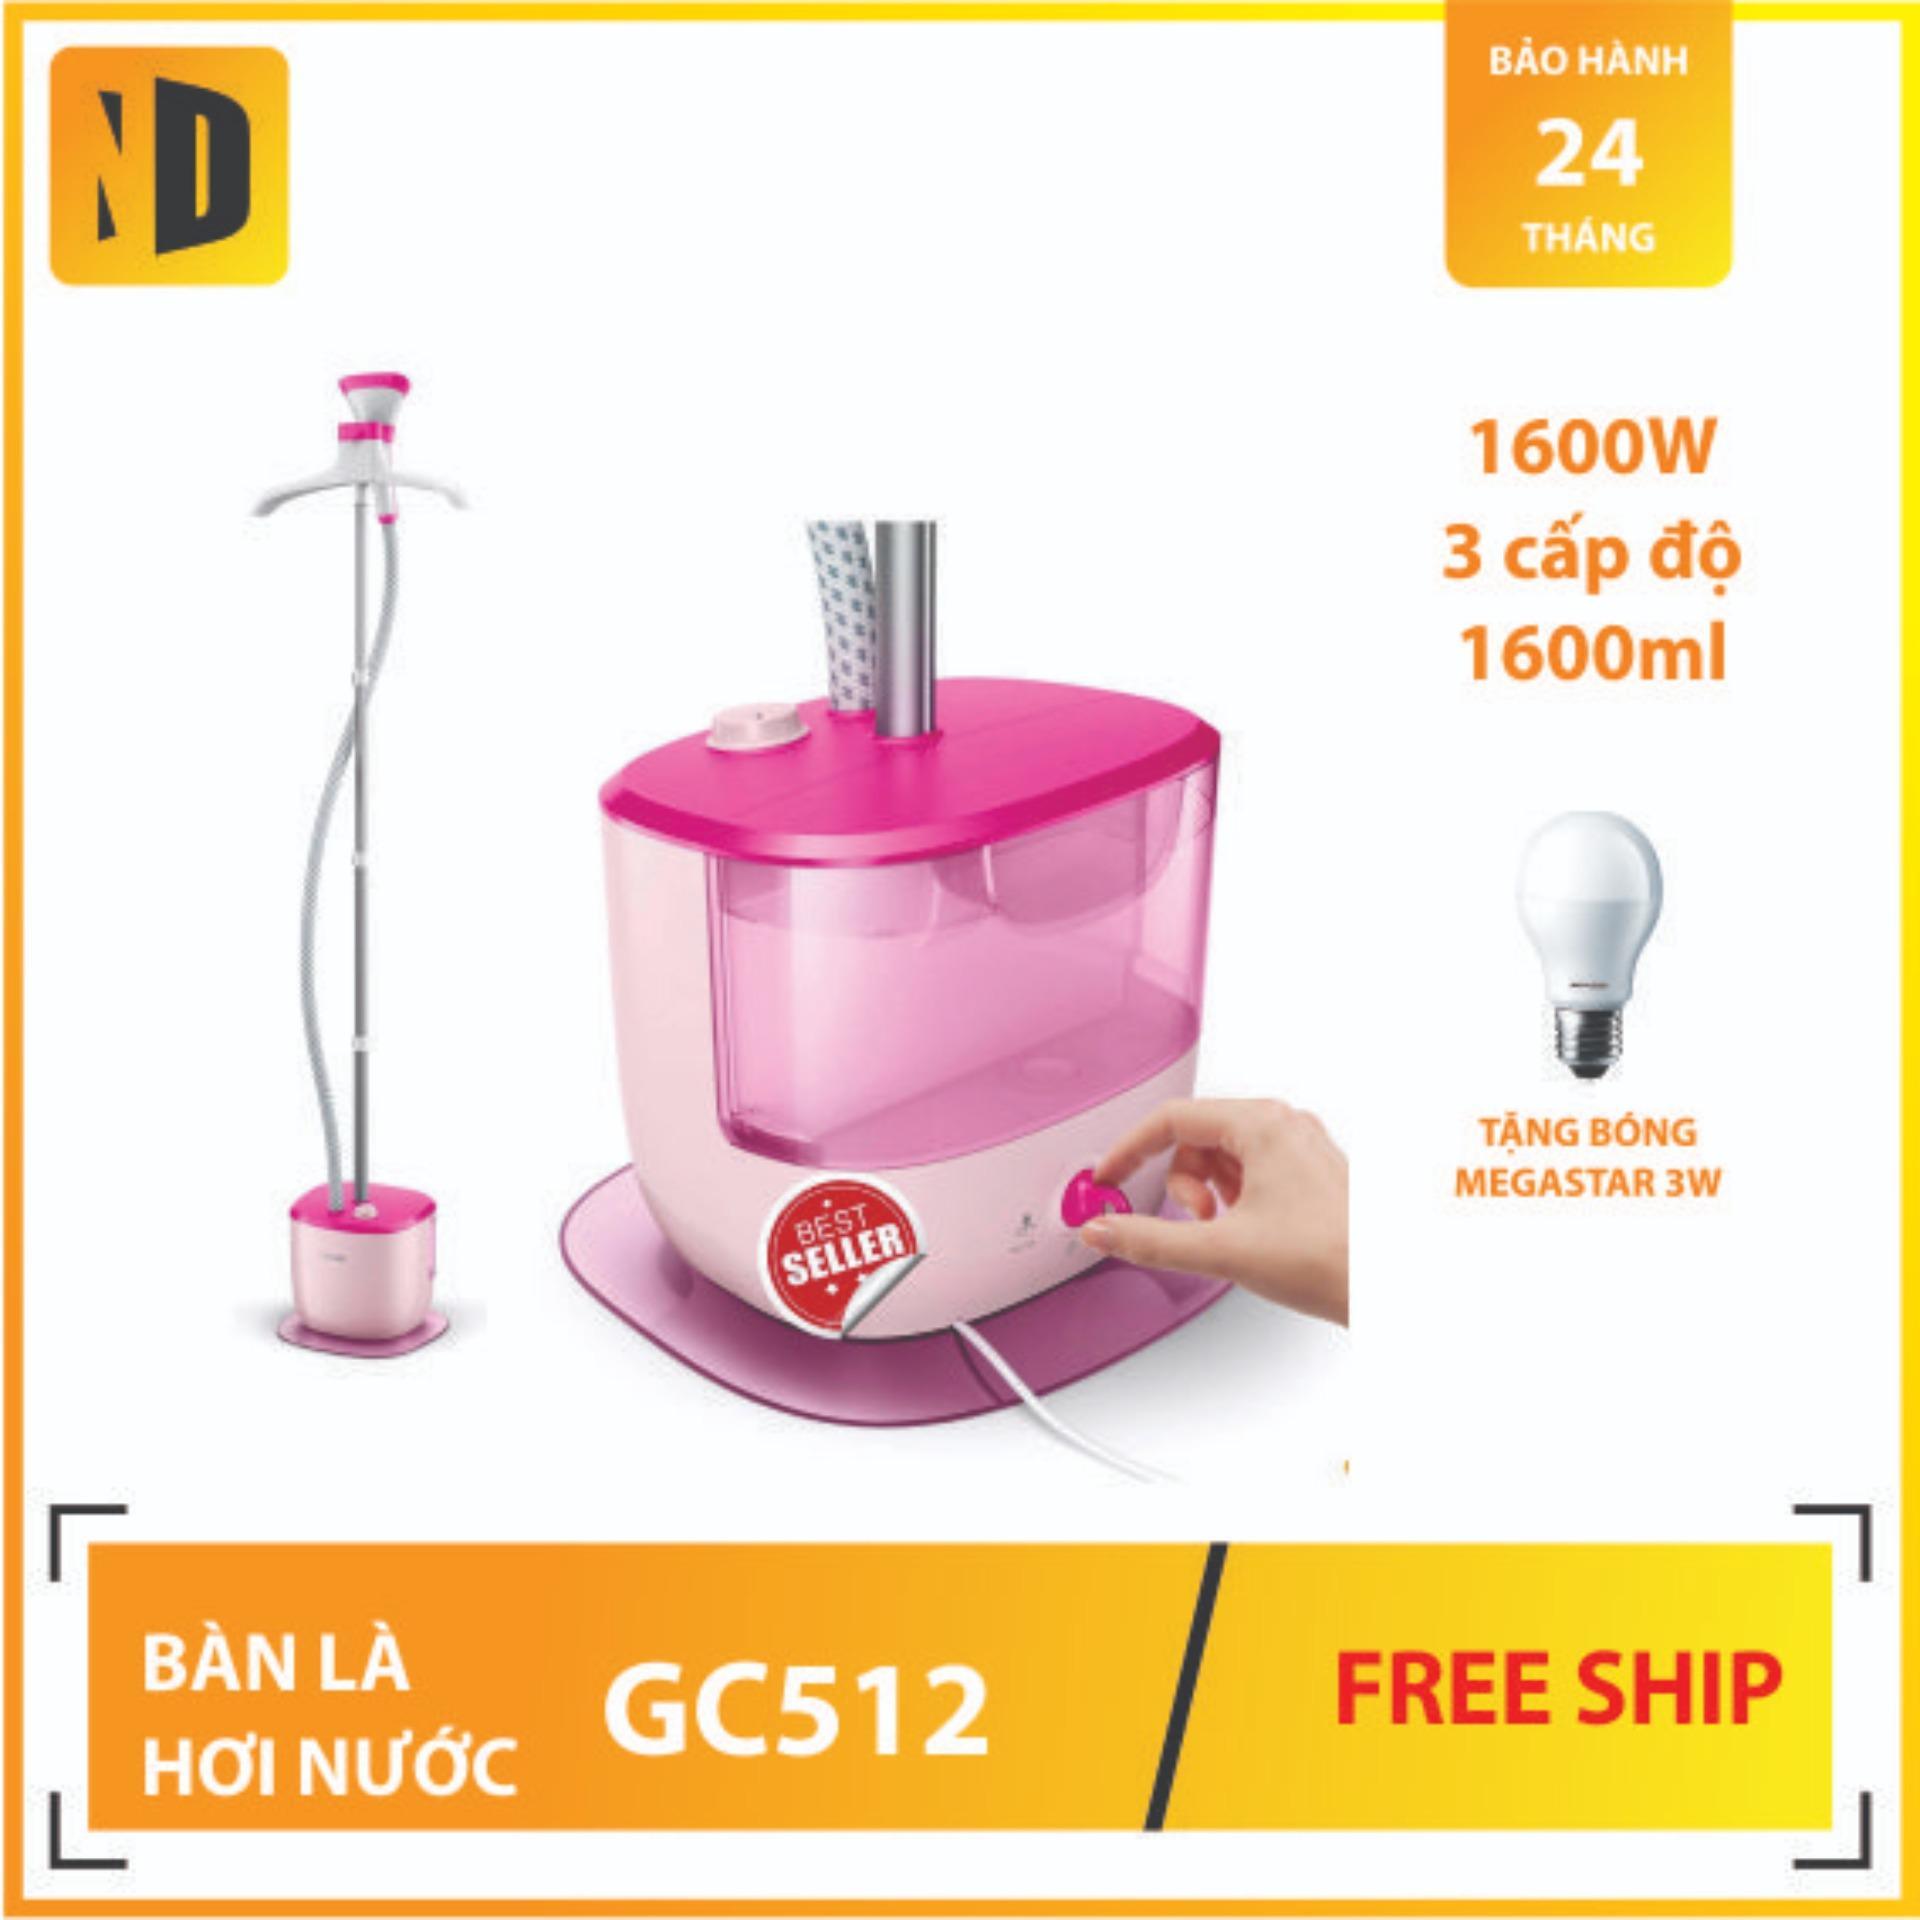 Bàn ủi hơi nước đứng Philips GC512 (Trắng phối Hồng ) - 1600W - 3 Cấp độ hơi nước - Bảo hành 24 tháng (tương Đương GC514 )